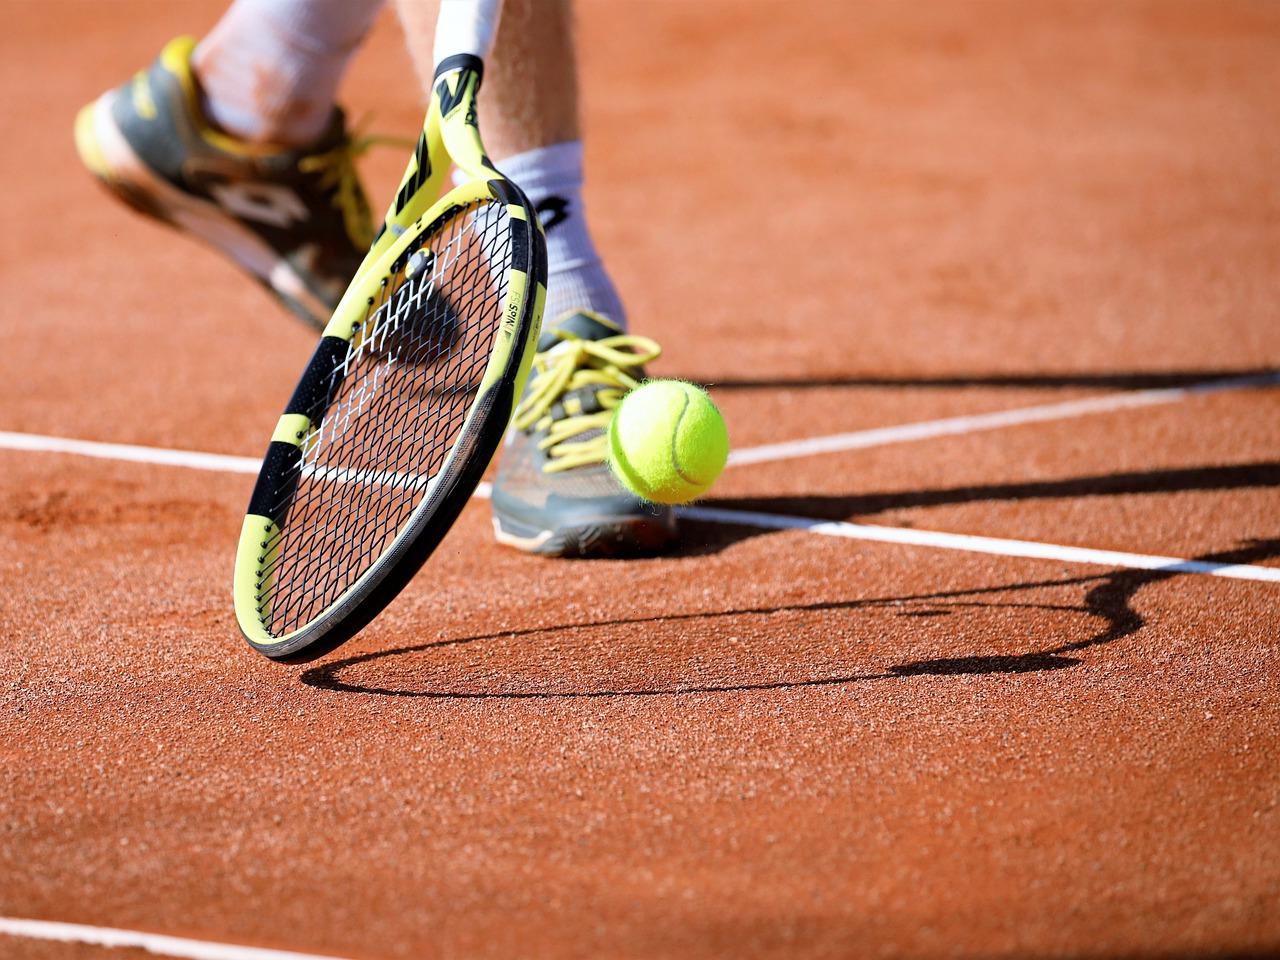 テニスの王子様の校内ランキング戦は有益か?結果とともに考察!